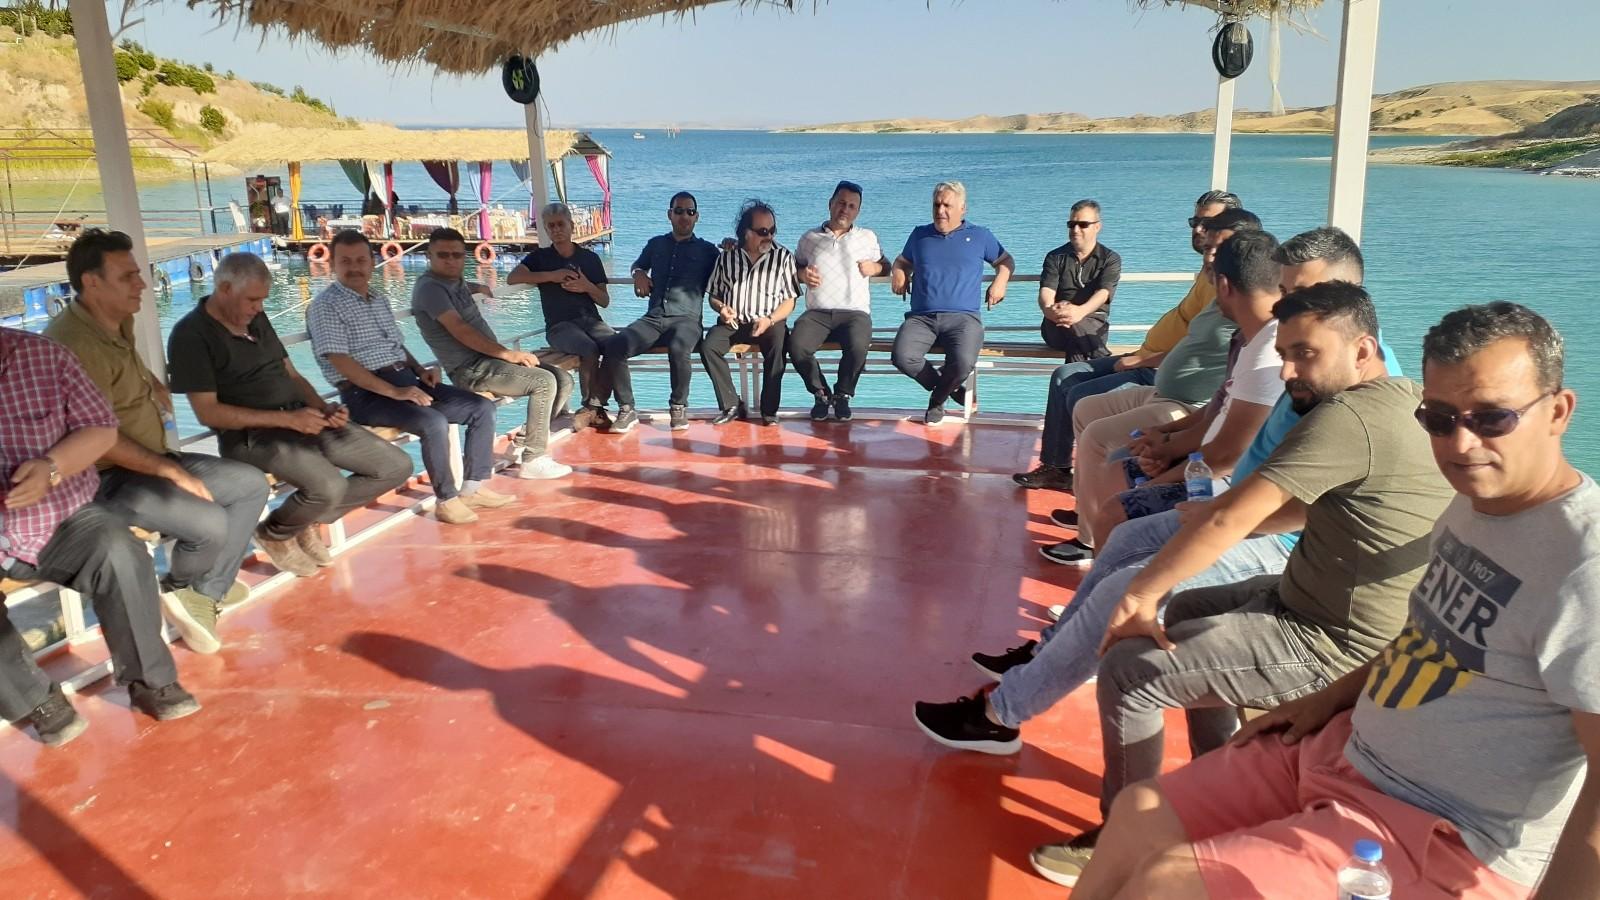 Samsat turizmde cazibe merkezi olmayı hedefliyor